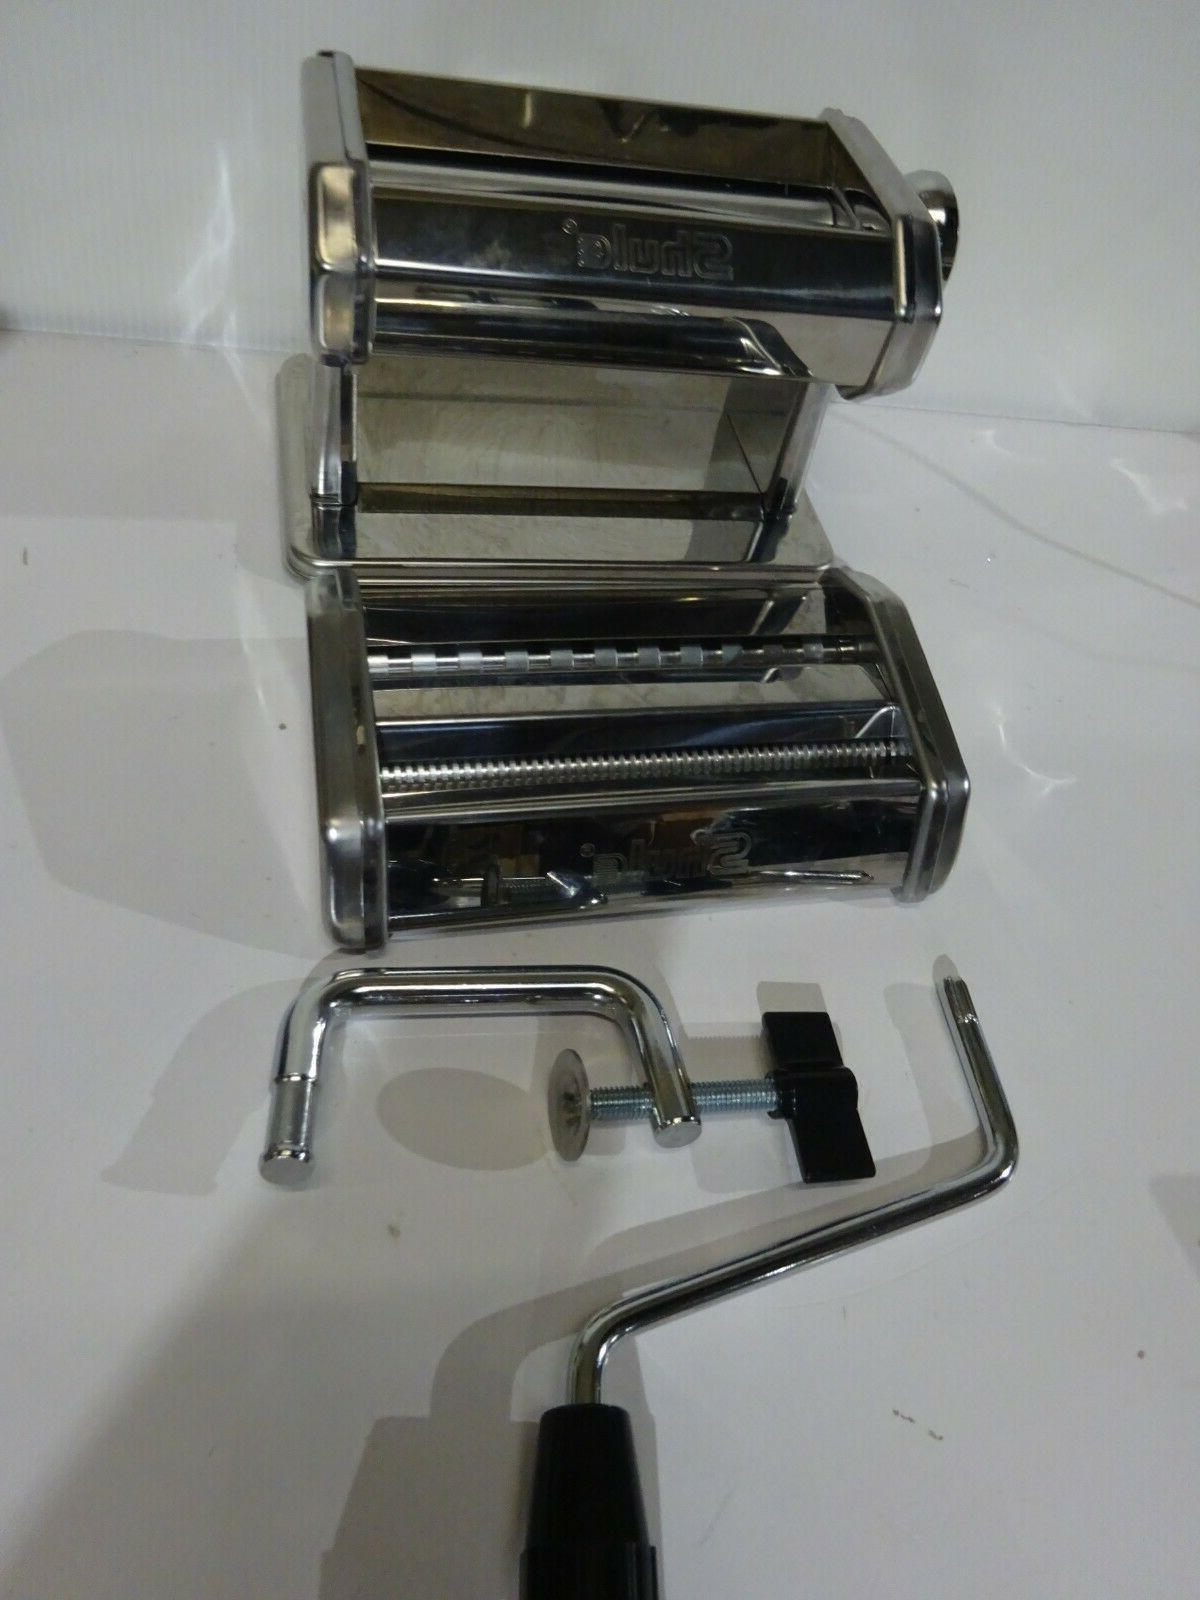 pasta maker stainless steel